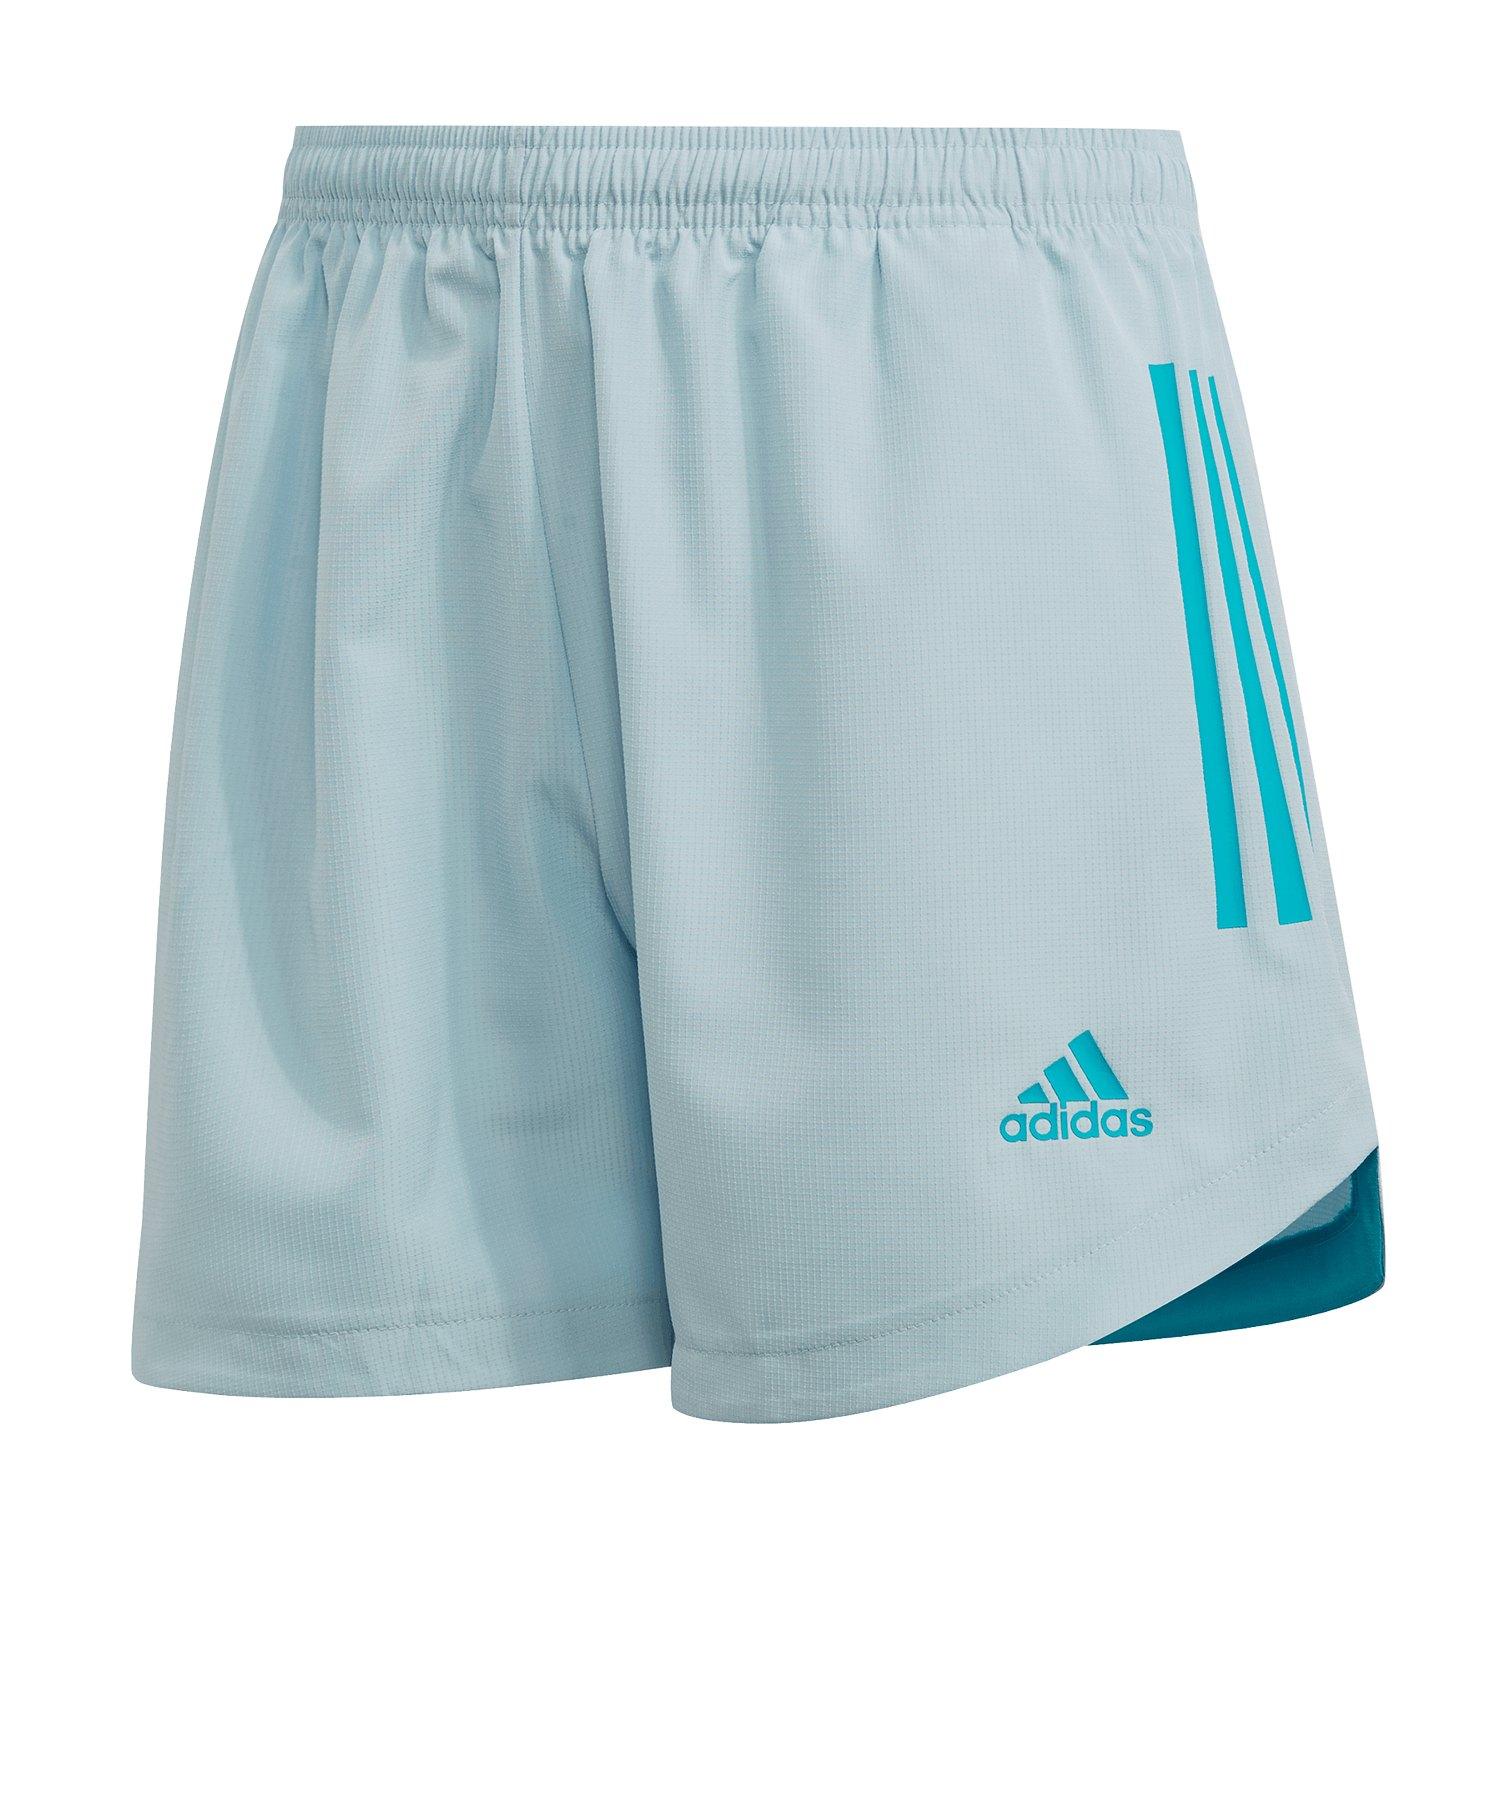 adidas Condivo 20 PB Short lang Damen Hellblau - blau